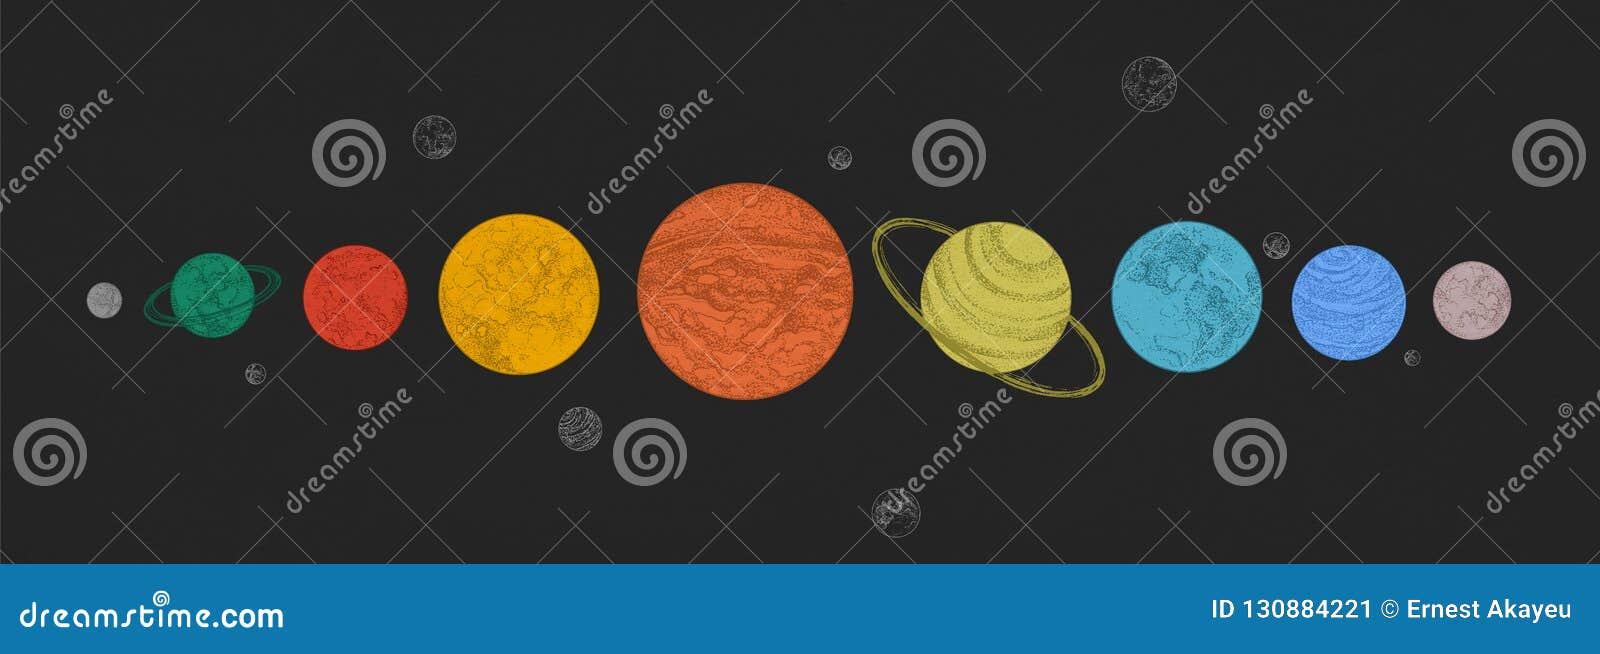 Πλανήτες του ηλιακού συστήματος που τακτοποιούνται στην οριζόντια σειρά στο μαύρο κλίμα Ουράνιοι οργανισμοί στο μακρινό διάστημα